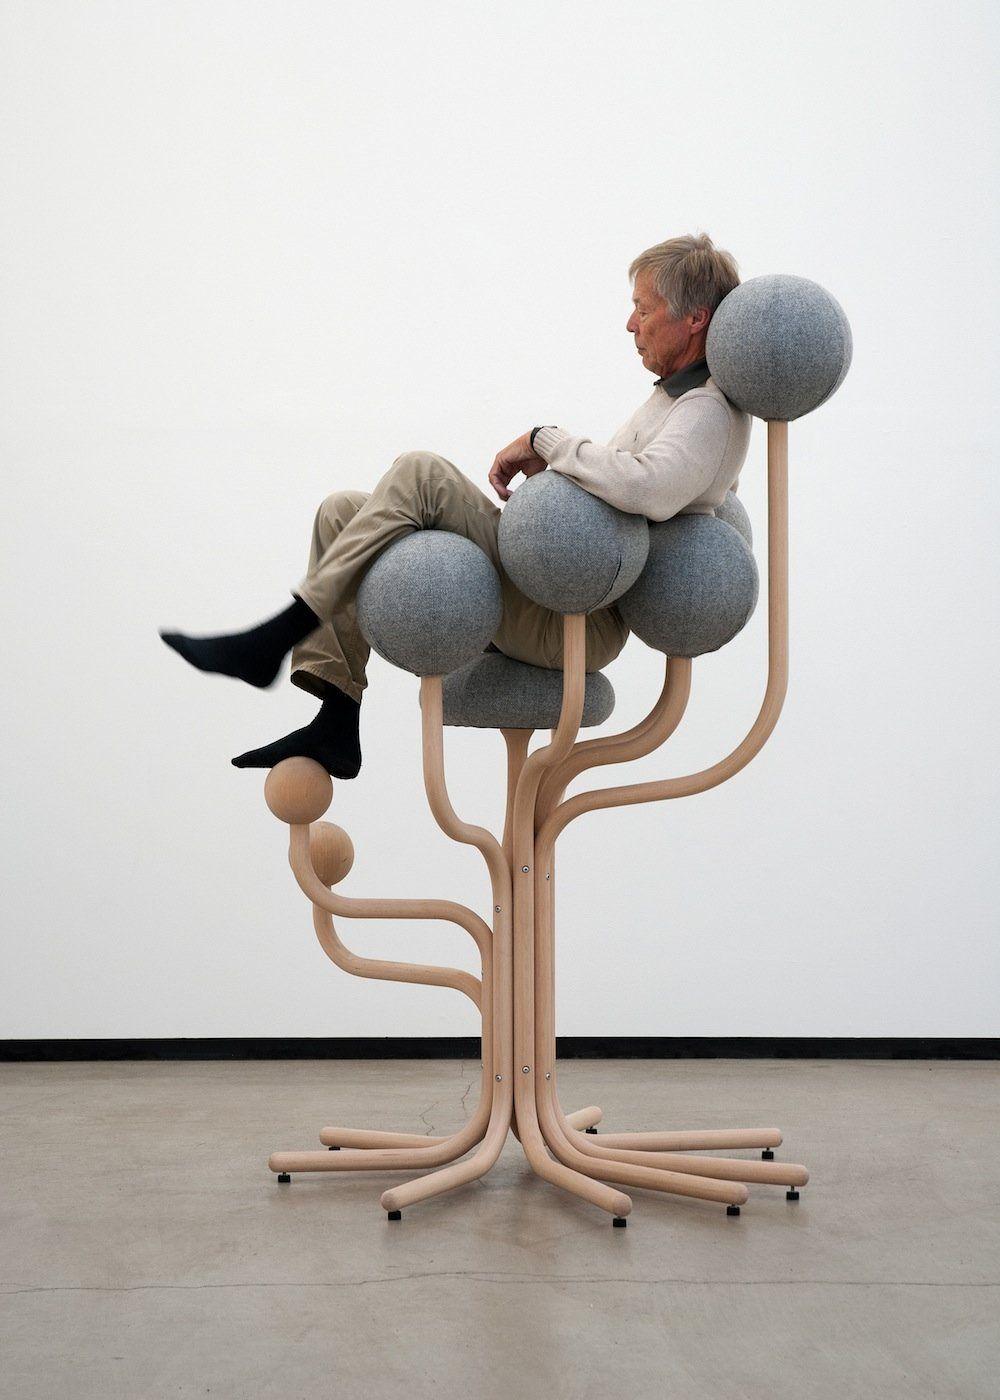 Garden chair top view - Ergonomisches Design Von Peter Opsvik Der Garden Chair Garantiert Eine Ausbalancierte Sitzposition Inspiration